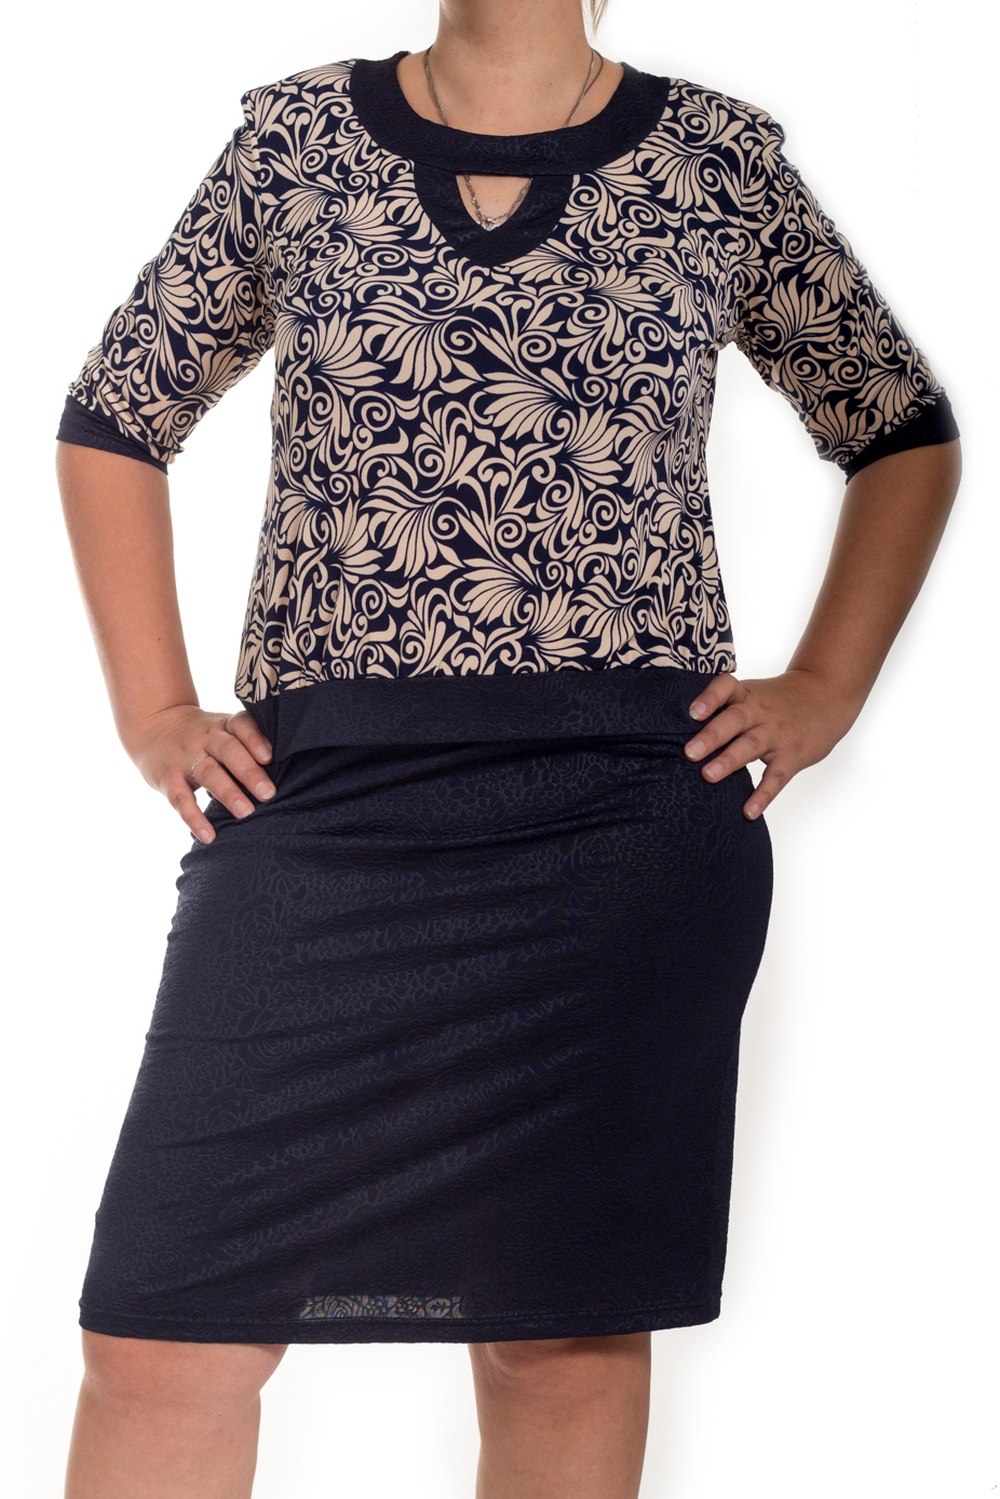 ПлатьеПлатья<br>Замечательное женское платье с круглой горловиной, декоративной капелькой и рукавами 3/4. Модель выполнена из приятного трикотажа. Отличный выбор для повседневного гардероба.  В изделии использованы цвета: синий, бежевый  Ростовка изделия 170 см.<br><br>Горловина: С- горловина<br>По длине: До колена<br>По материалу: Вискоза,Трикотаж<br>По рисунку: С принтом,Цветные<br>По силуэту: Приталенные<br>По стилю: Повседневный стиль<br>По форме: Платье - футляр<br>Рукав: Рукав три четверти<br>По сезону: Осень,Весна<br>Размер : 50,60<br>Материал: Холодное масло<br>Количество в наличии: 2